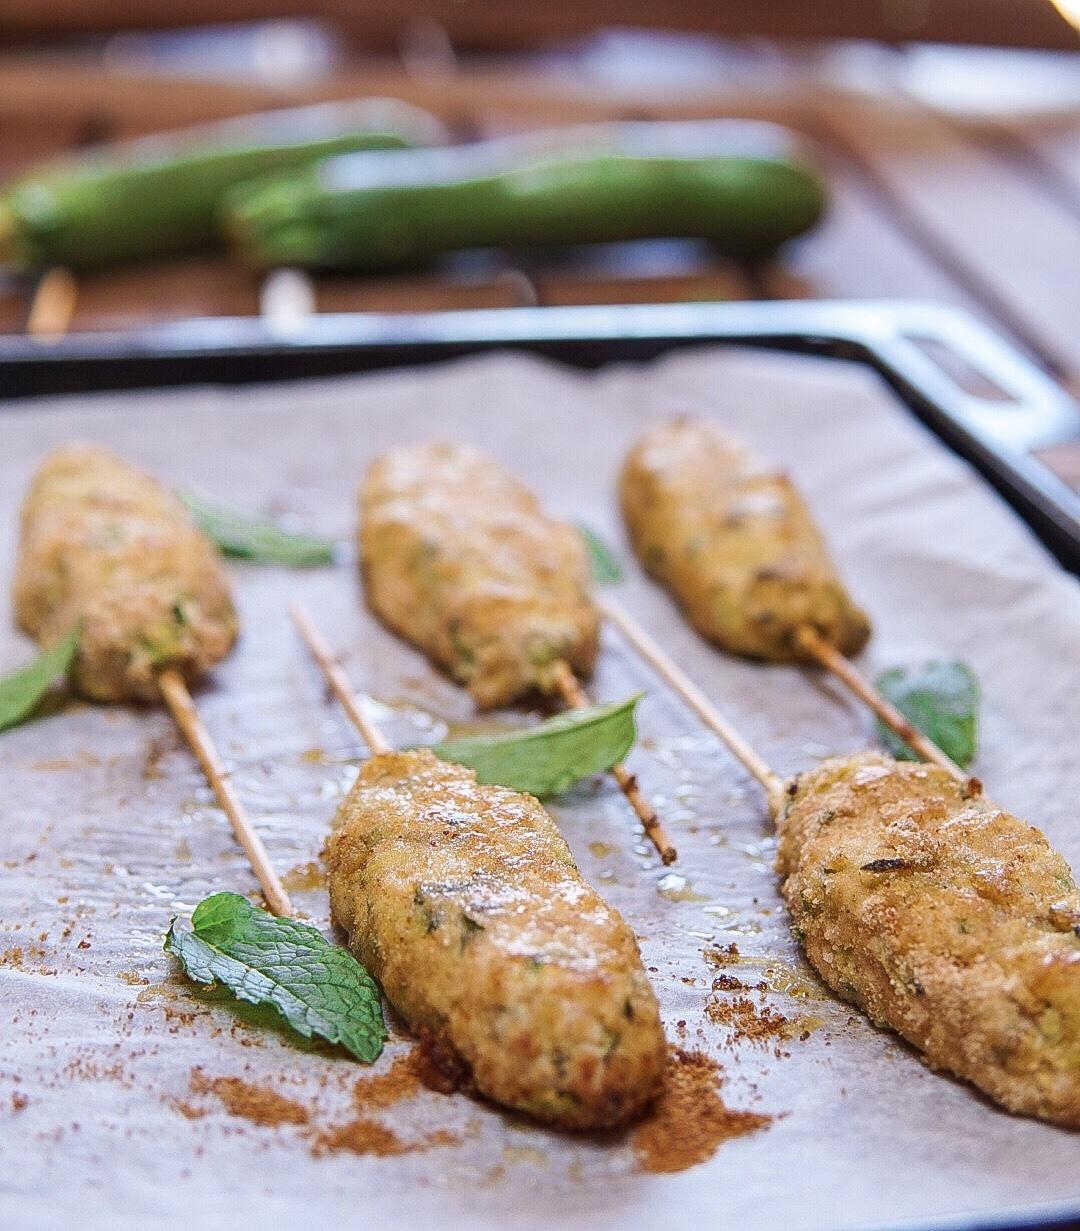 basilicosecco-ricette-foodblogger-pollo-zucchine.jpg